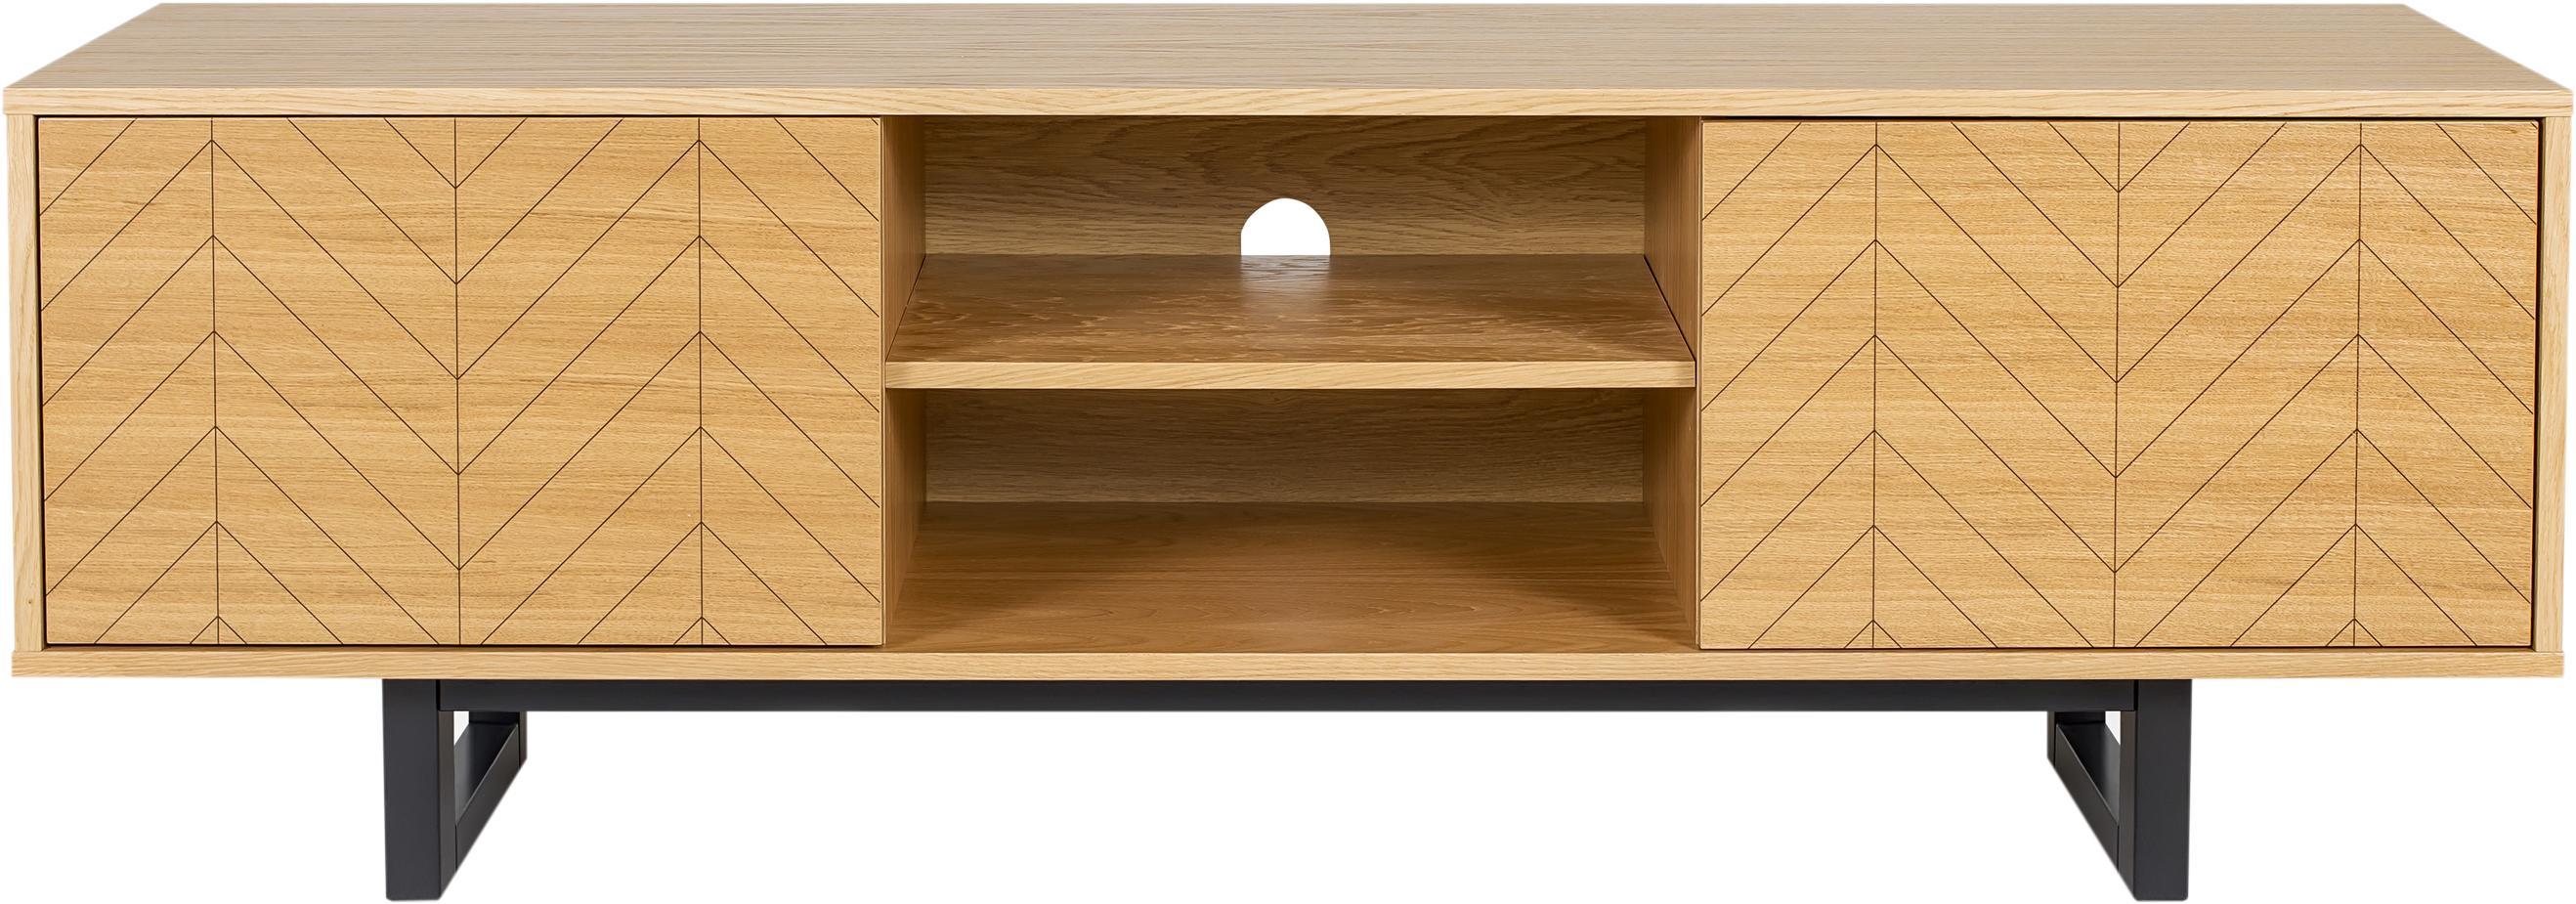 Credenza TV di design Camden, Piedini: legno di betulla vernicia, Legno di quercia, Larg. 150 x Alt. 50 cm